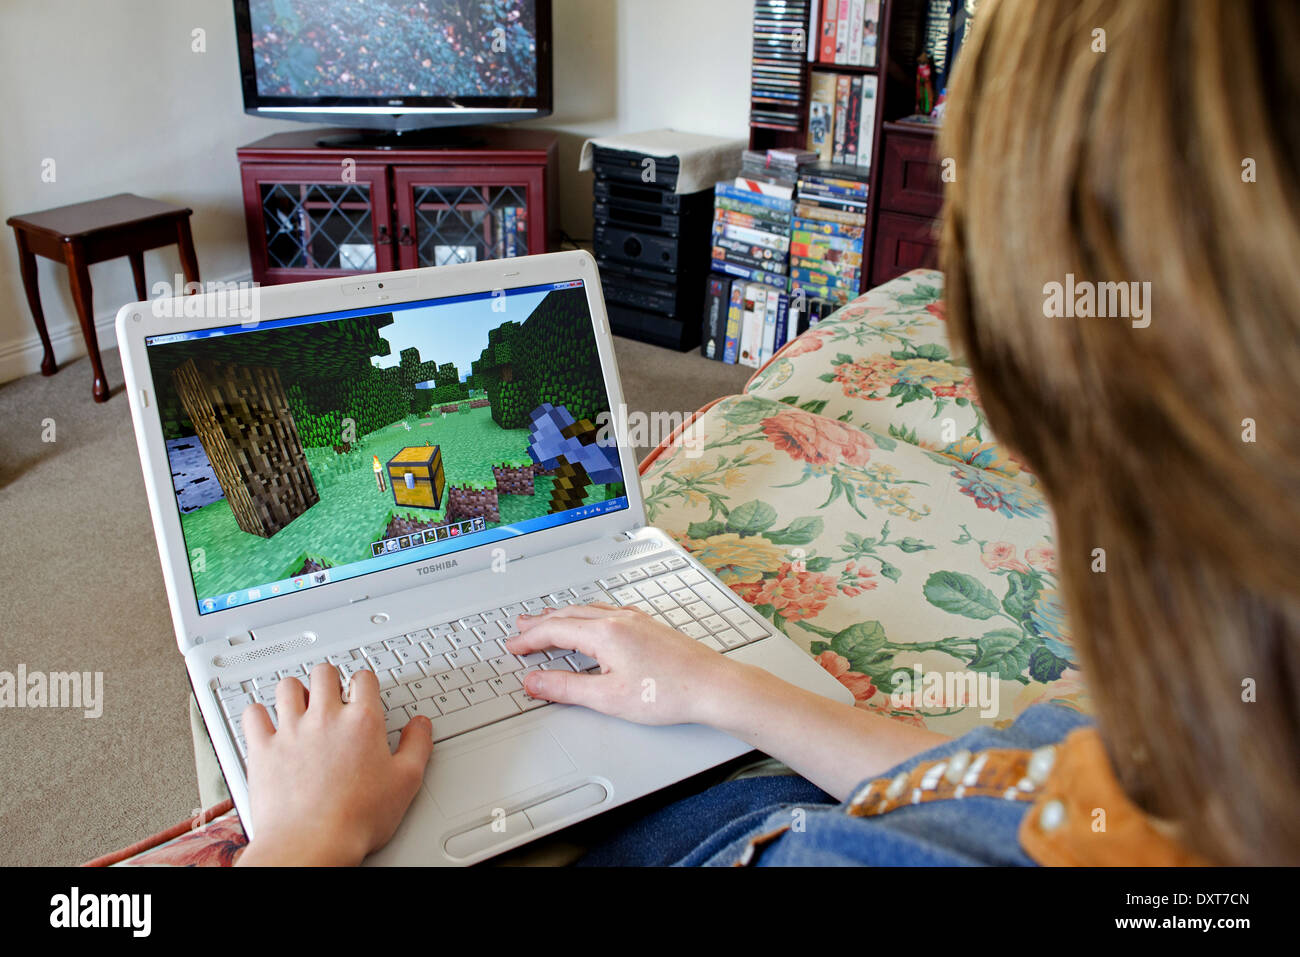 Ein Teenager Minecraft Auf Einem Laptopcomputer Zu Spielen Während - Minecraft spiele anschauen